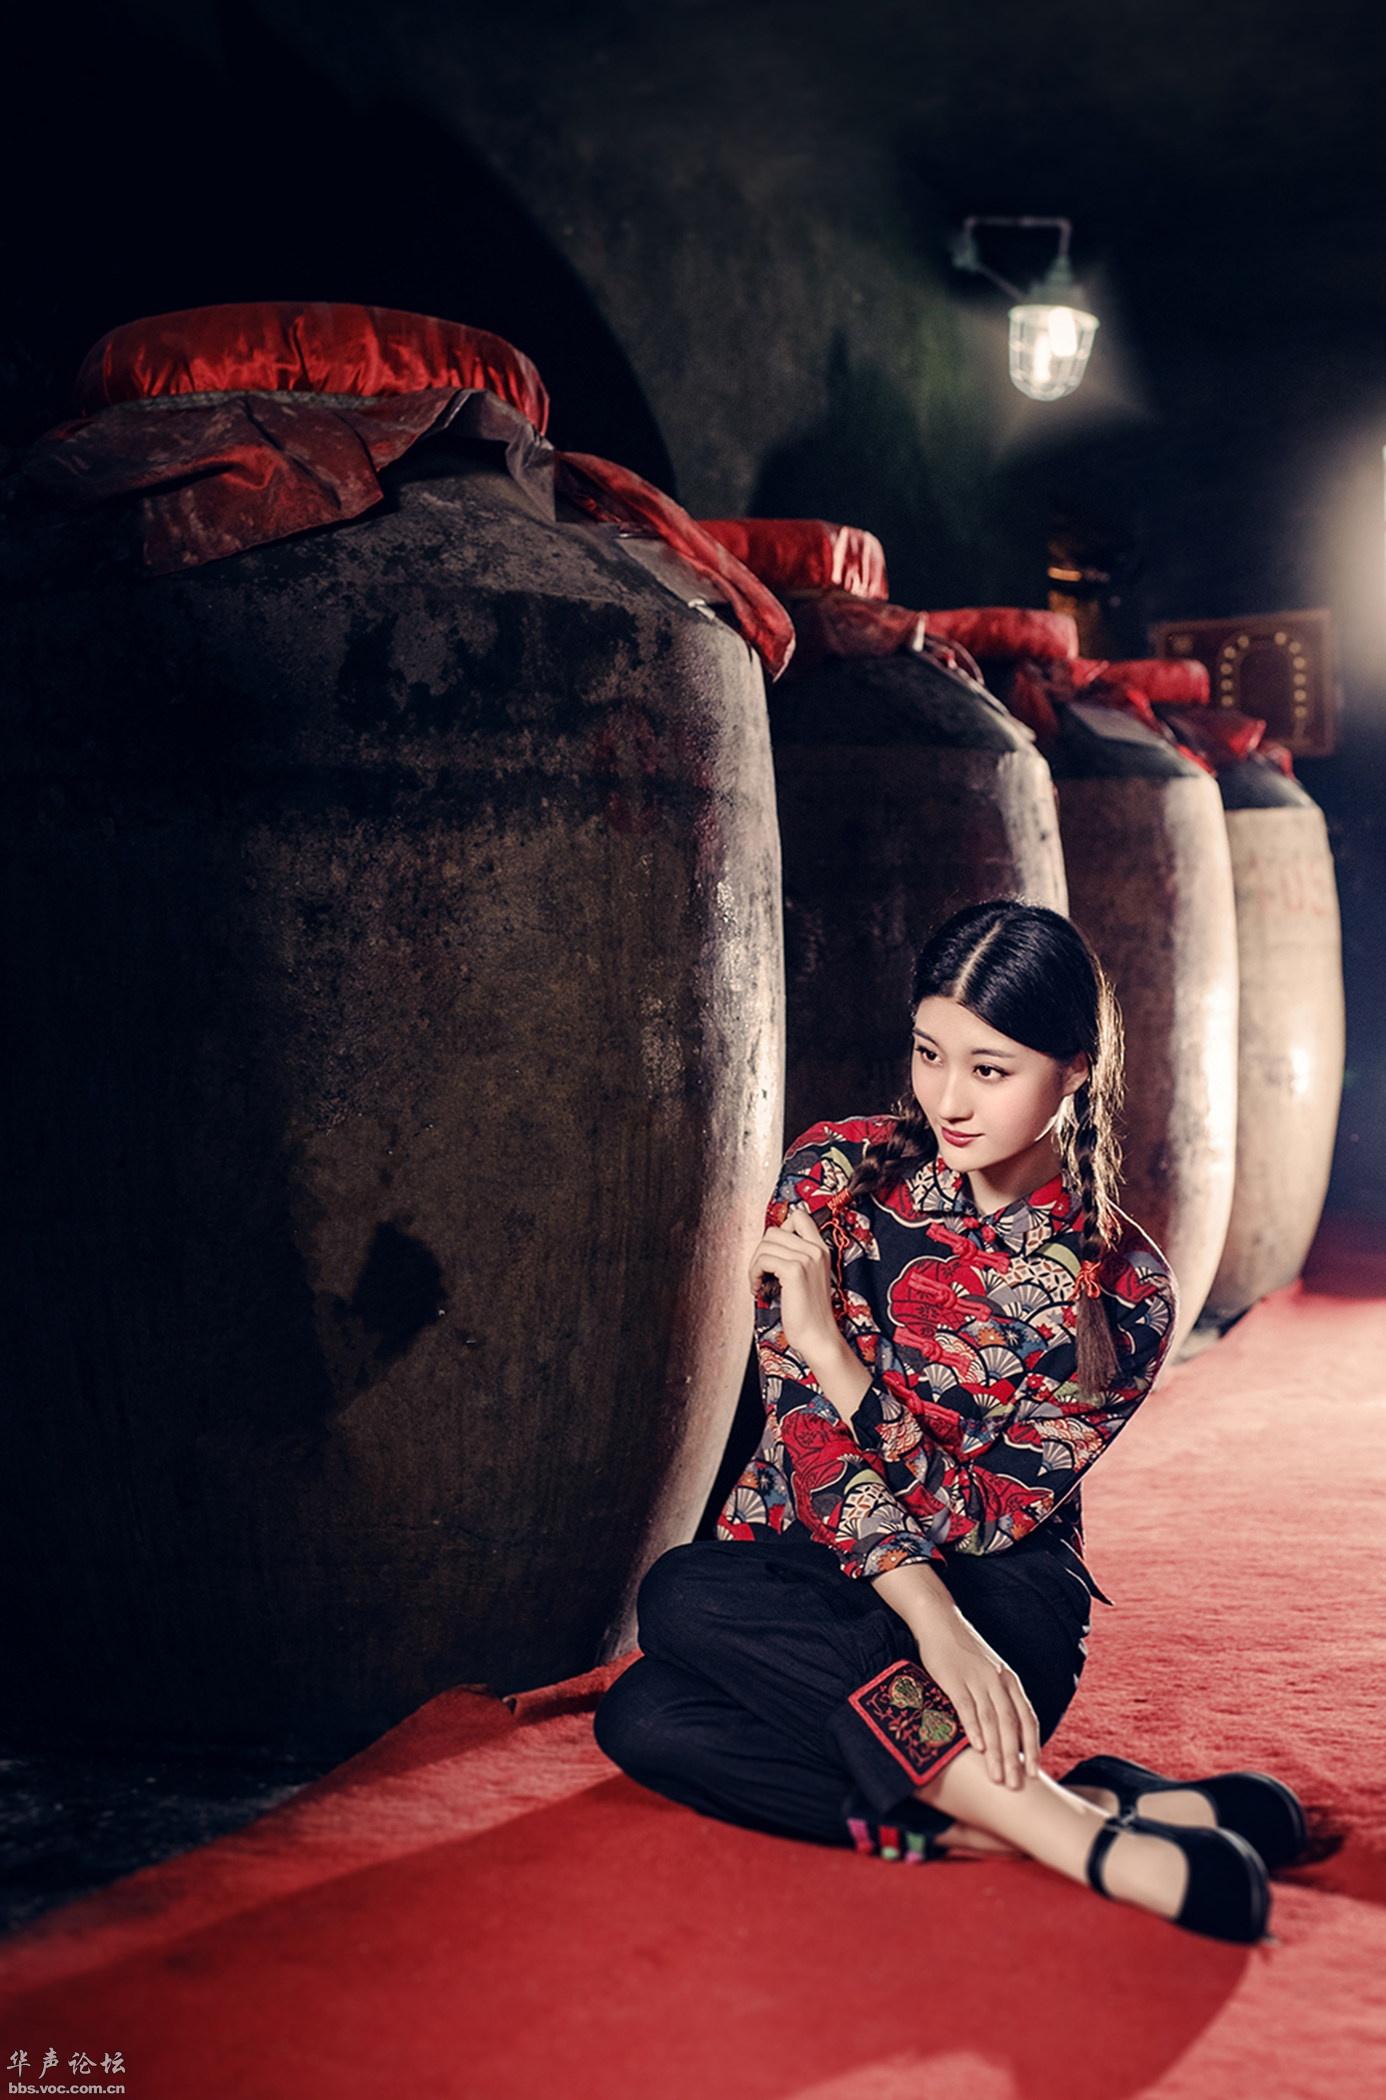 【人像摄影】酒醇 人美 看看也醉了  -  花仙子  -  花仙子的博客.-  花仙子  -  花仙子的博客.